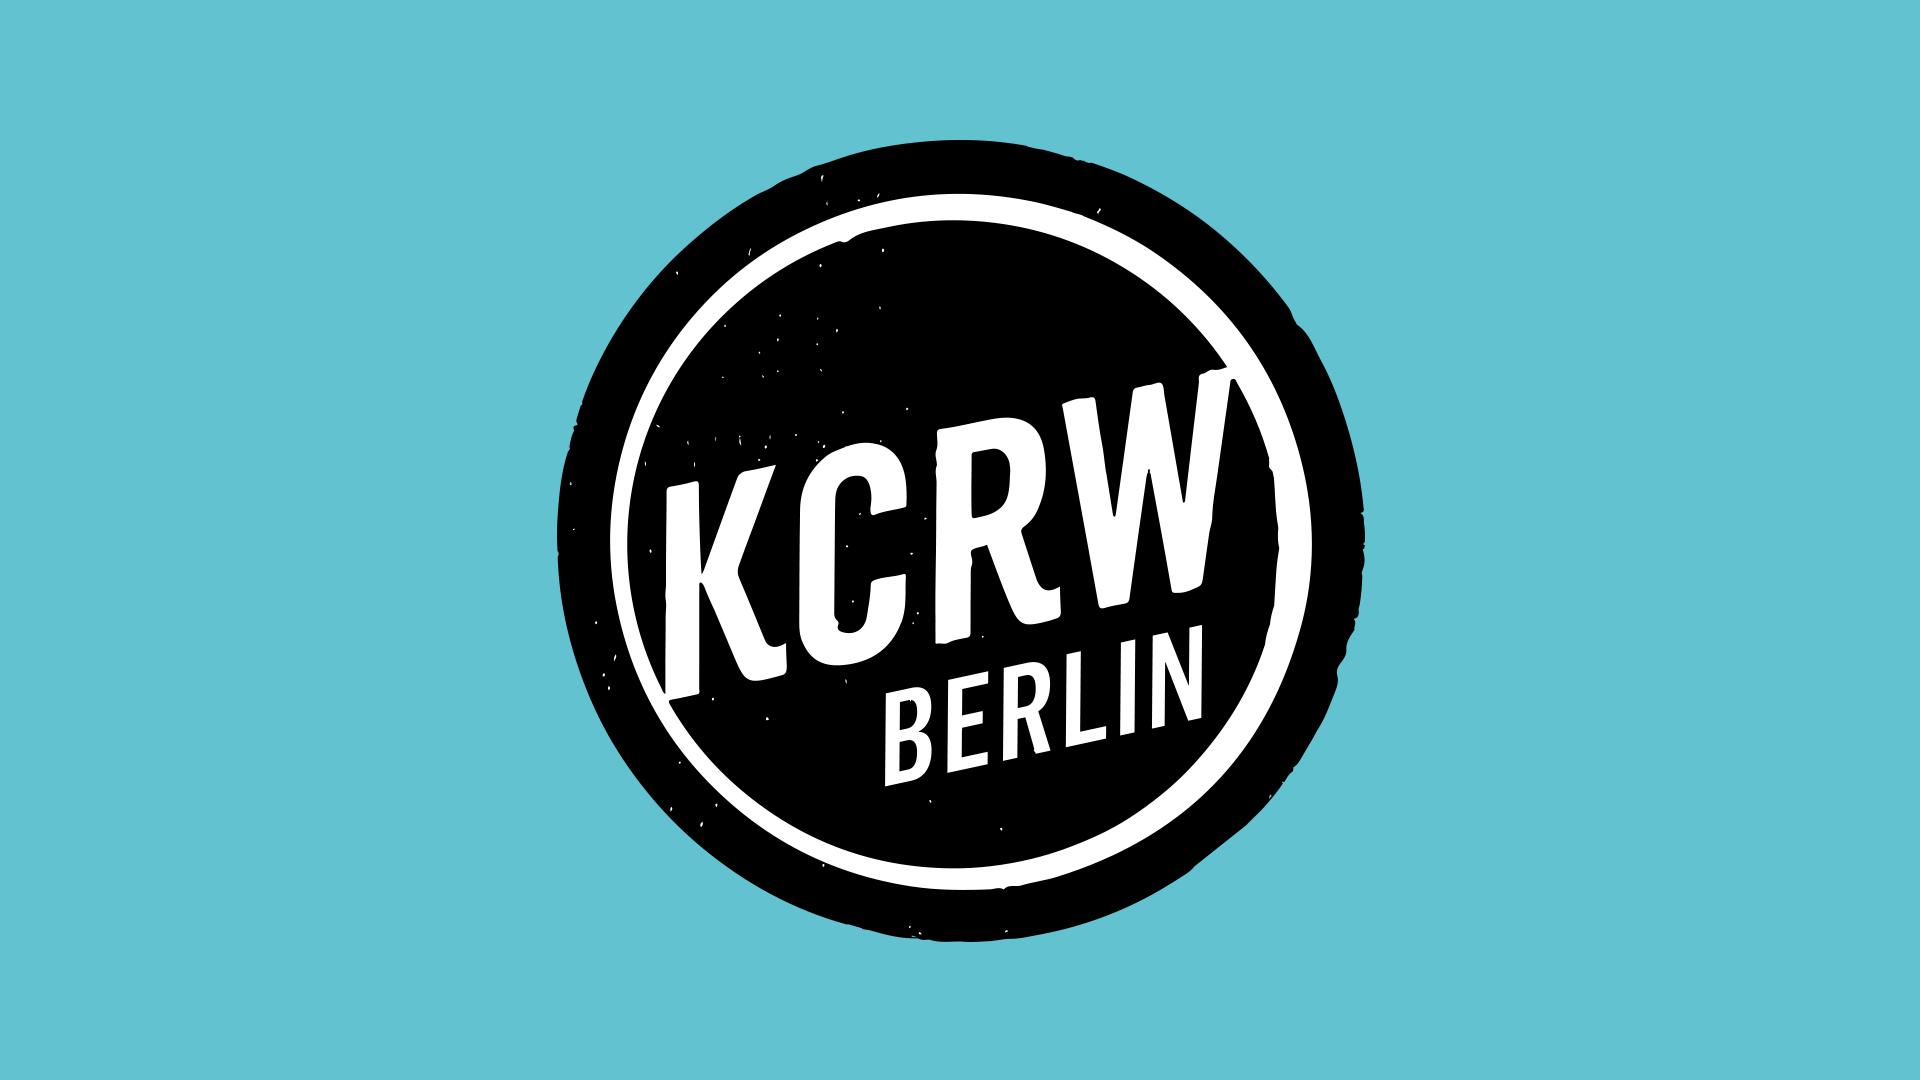 kcrw-berlin.png